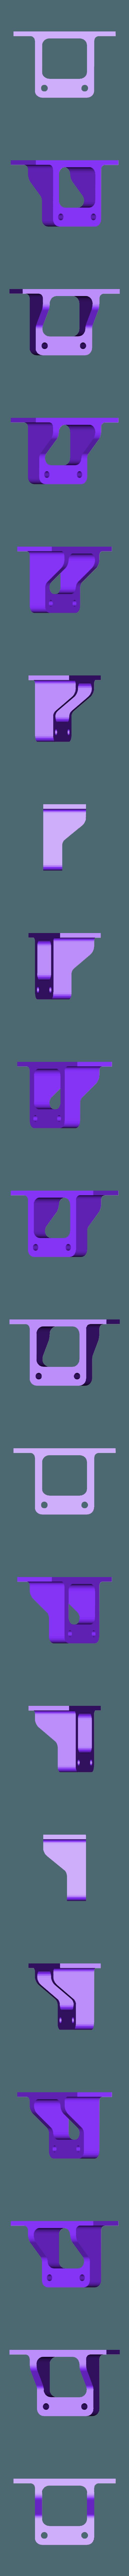 supcarte.stl Télécharger fichier STL gratuit E3D sur DAVINCI AIO • Objet pour imprimante 3D, bricodx